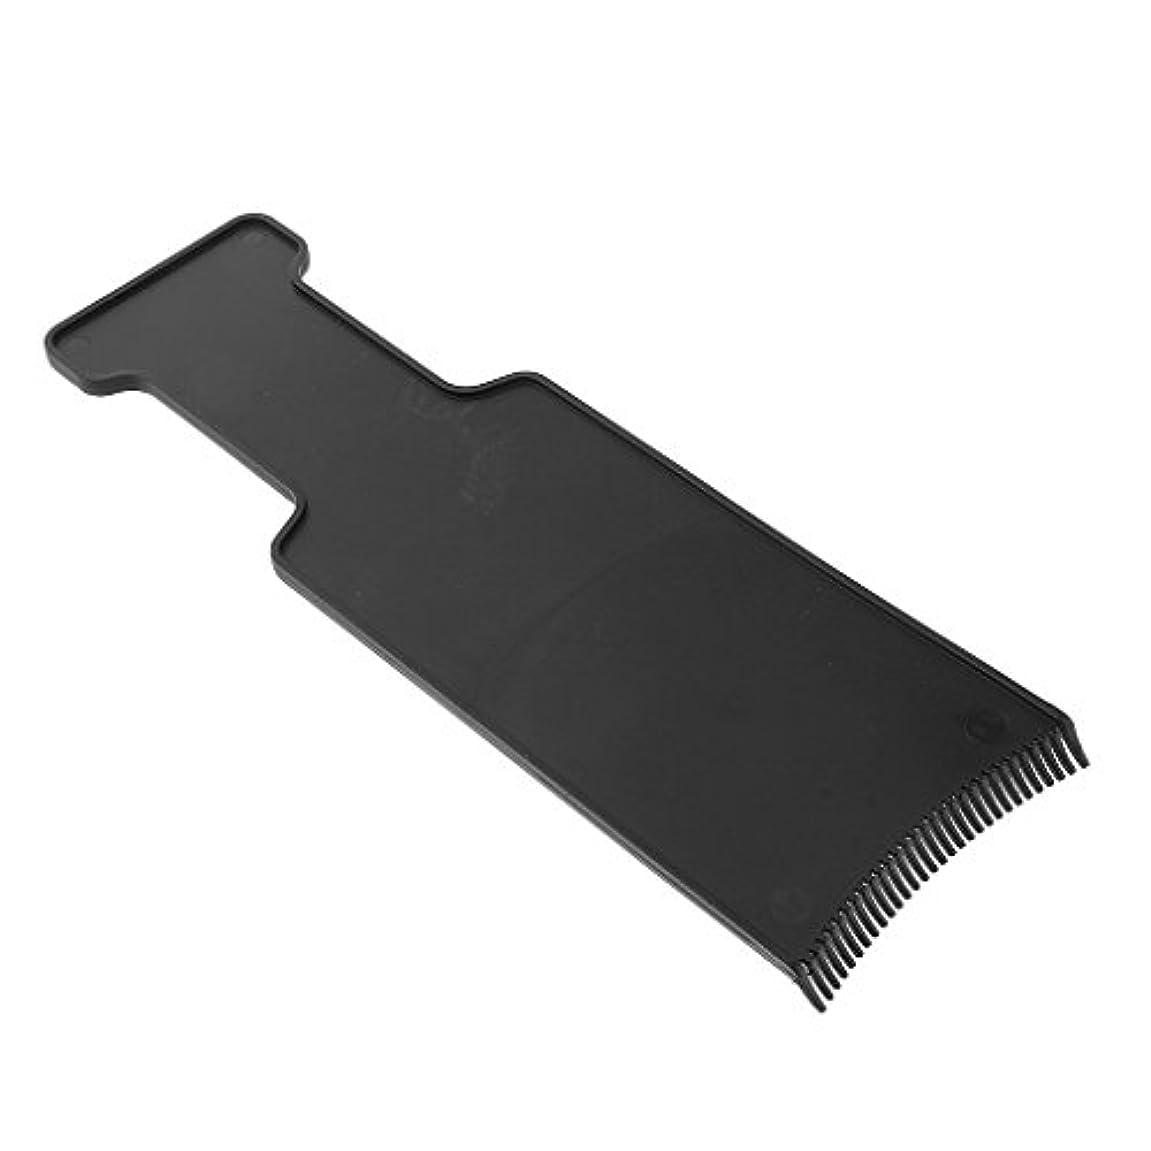 肥沃な真実必要Kesoto サロン ヘアカラー ボード ヘアカラーティント 美容 ヘア ツール 髪 保護 ブラック 全4サイズ - M